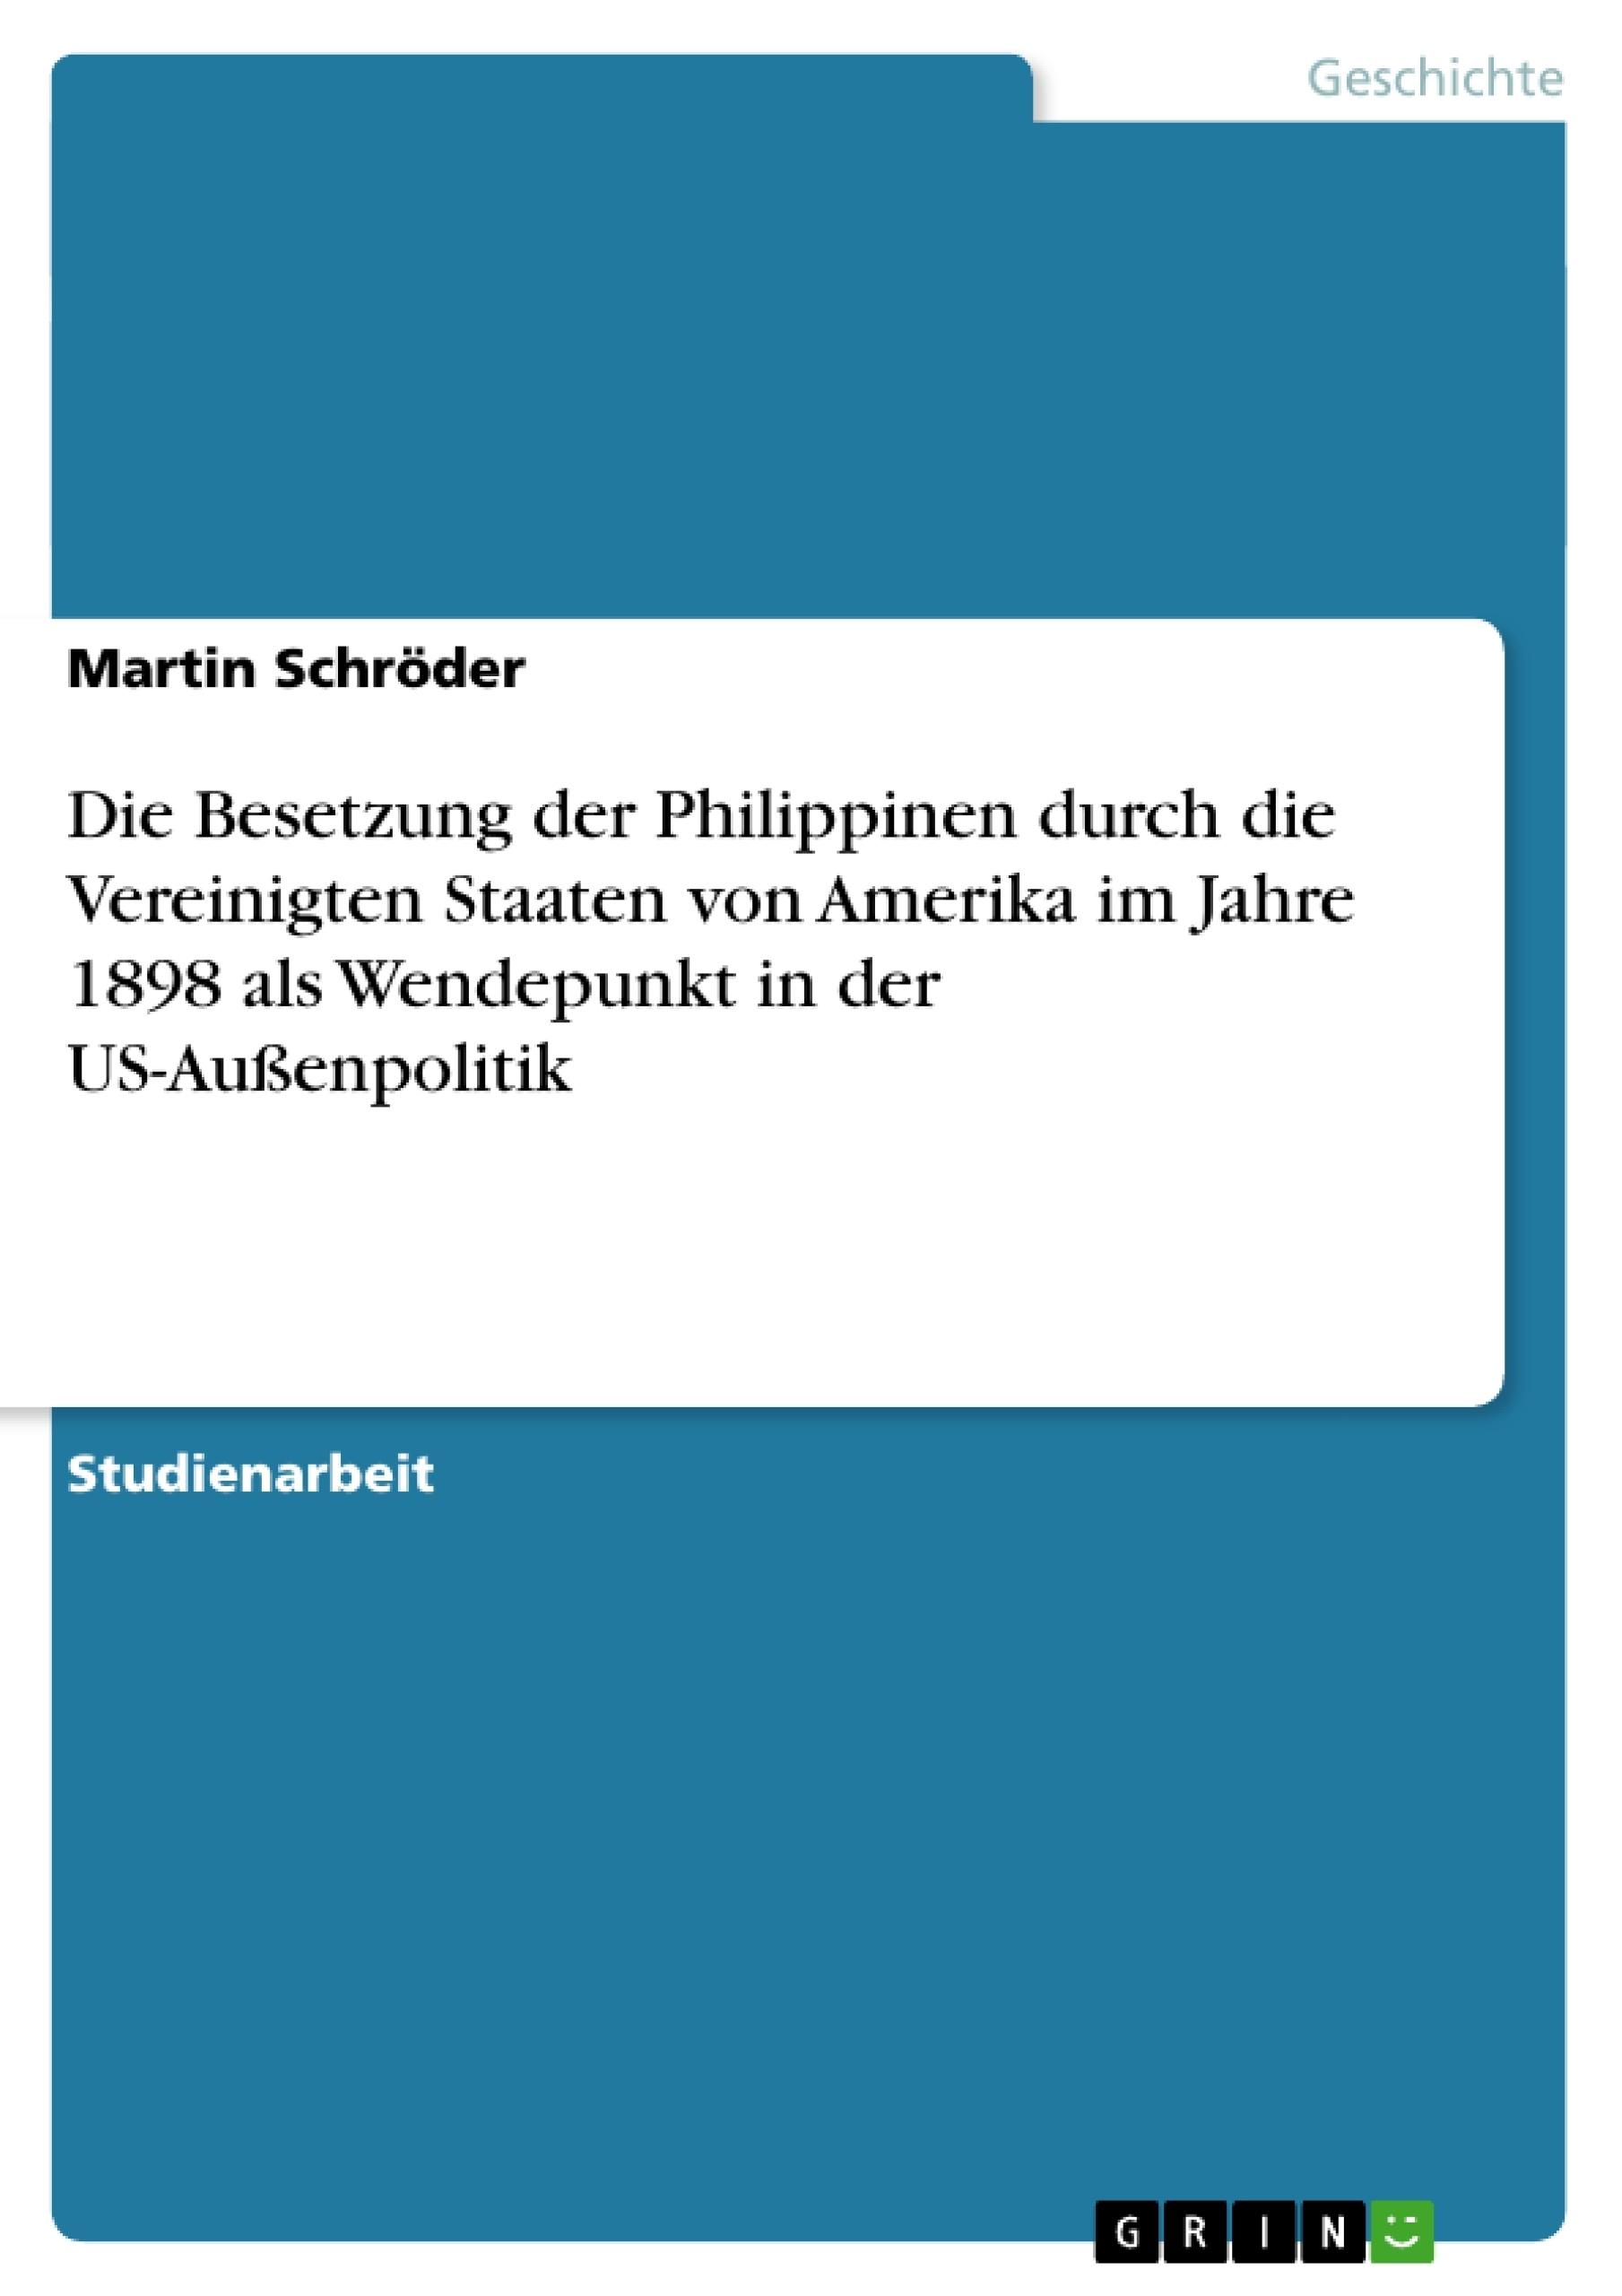 Titel: Die Besetzung der Philippinen durch die Vereinigten Staaten von Amerika im Jahre 1898 als Wendepunkt in der US-Außenpolitik